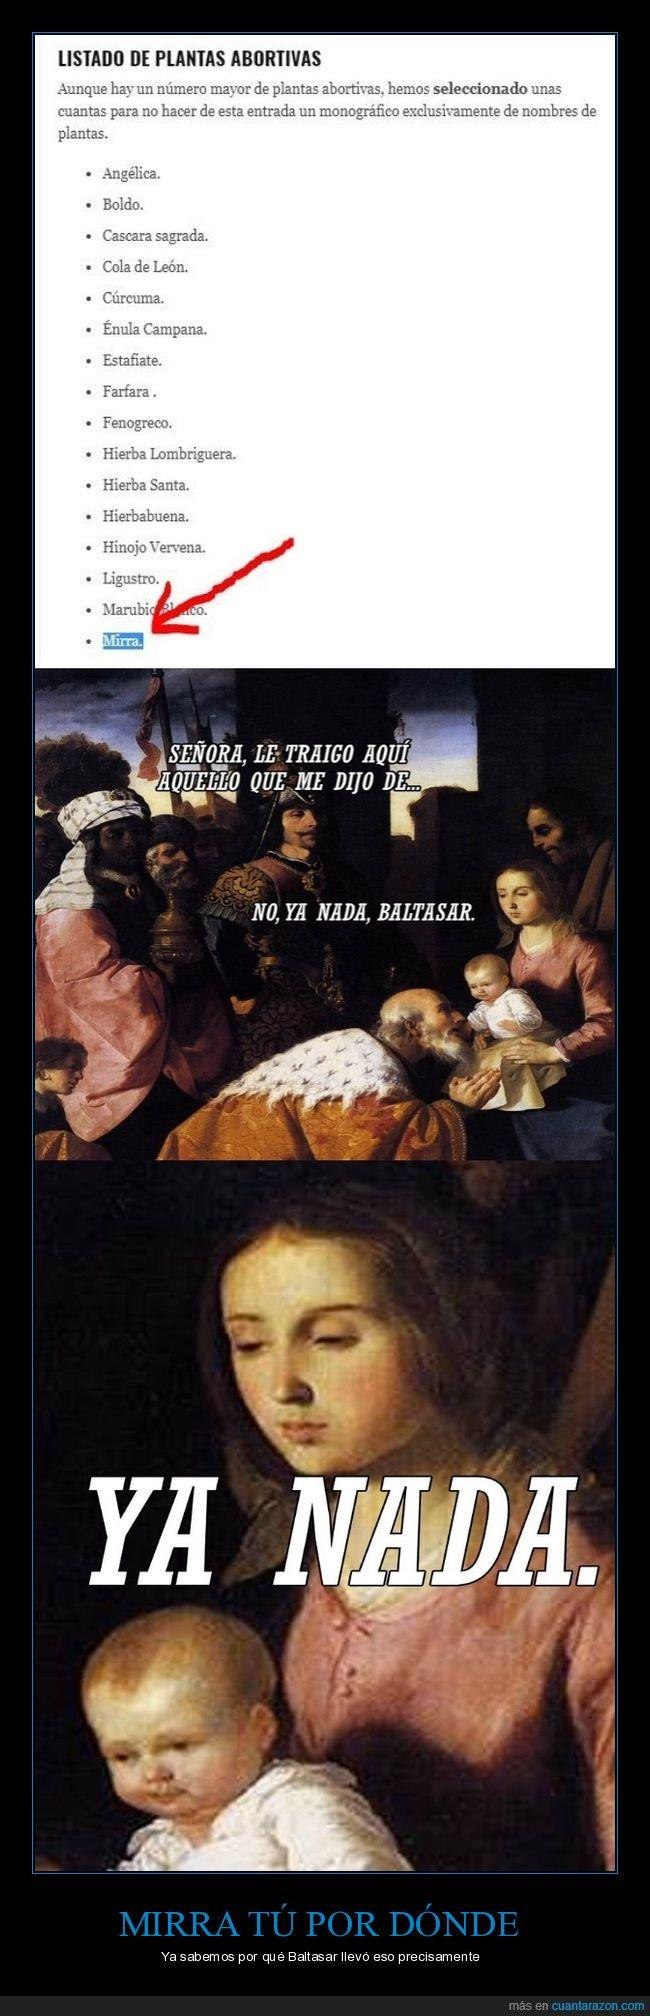 baltasar,jesús,maría,mirra,plantas abortivas